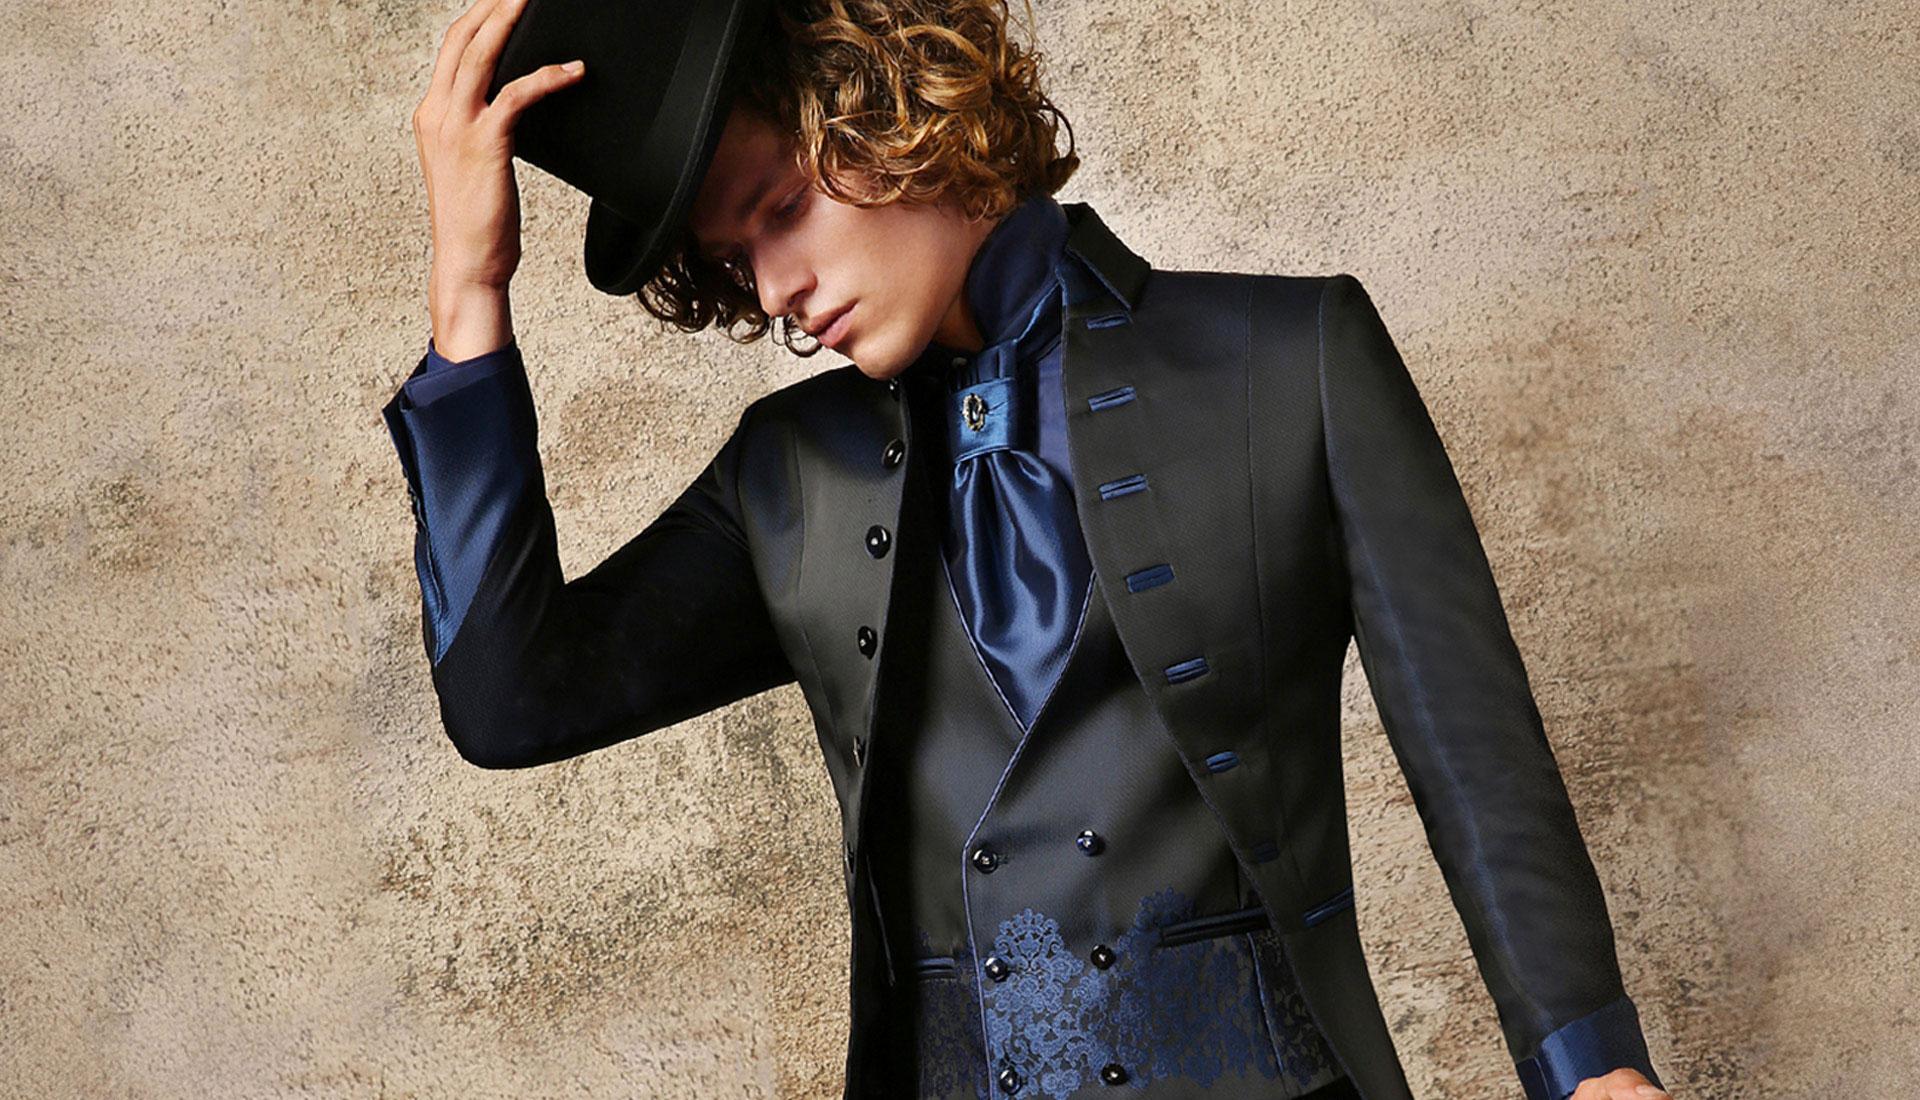 buona vendita migliori offerte su materiali di alta qualità Maestrami vestiti sposo| negozio Barone Rosso Montecatini